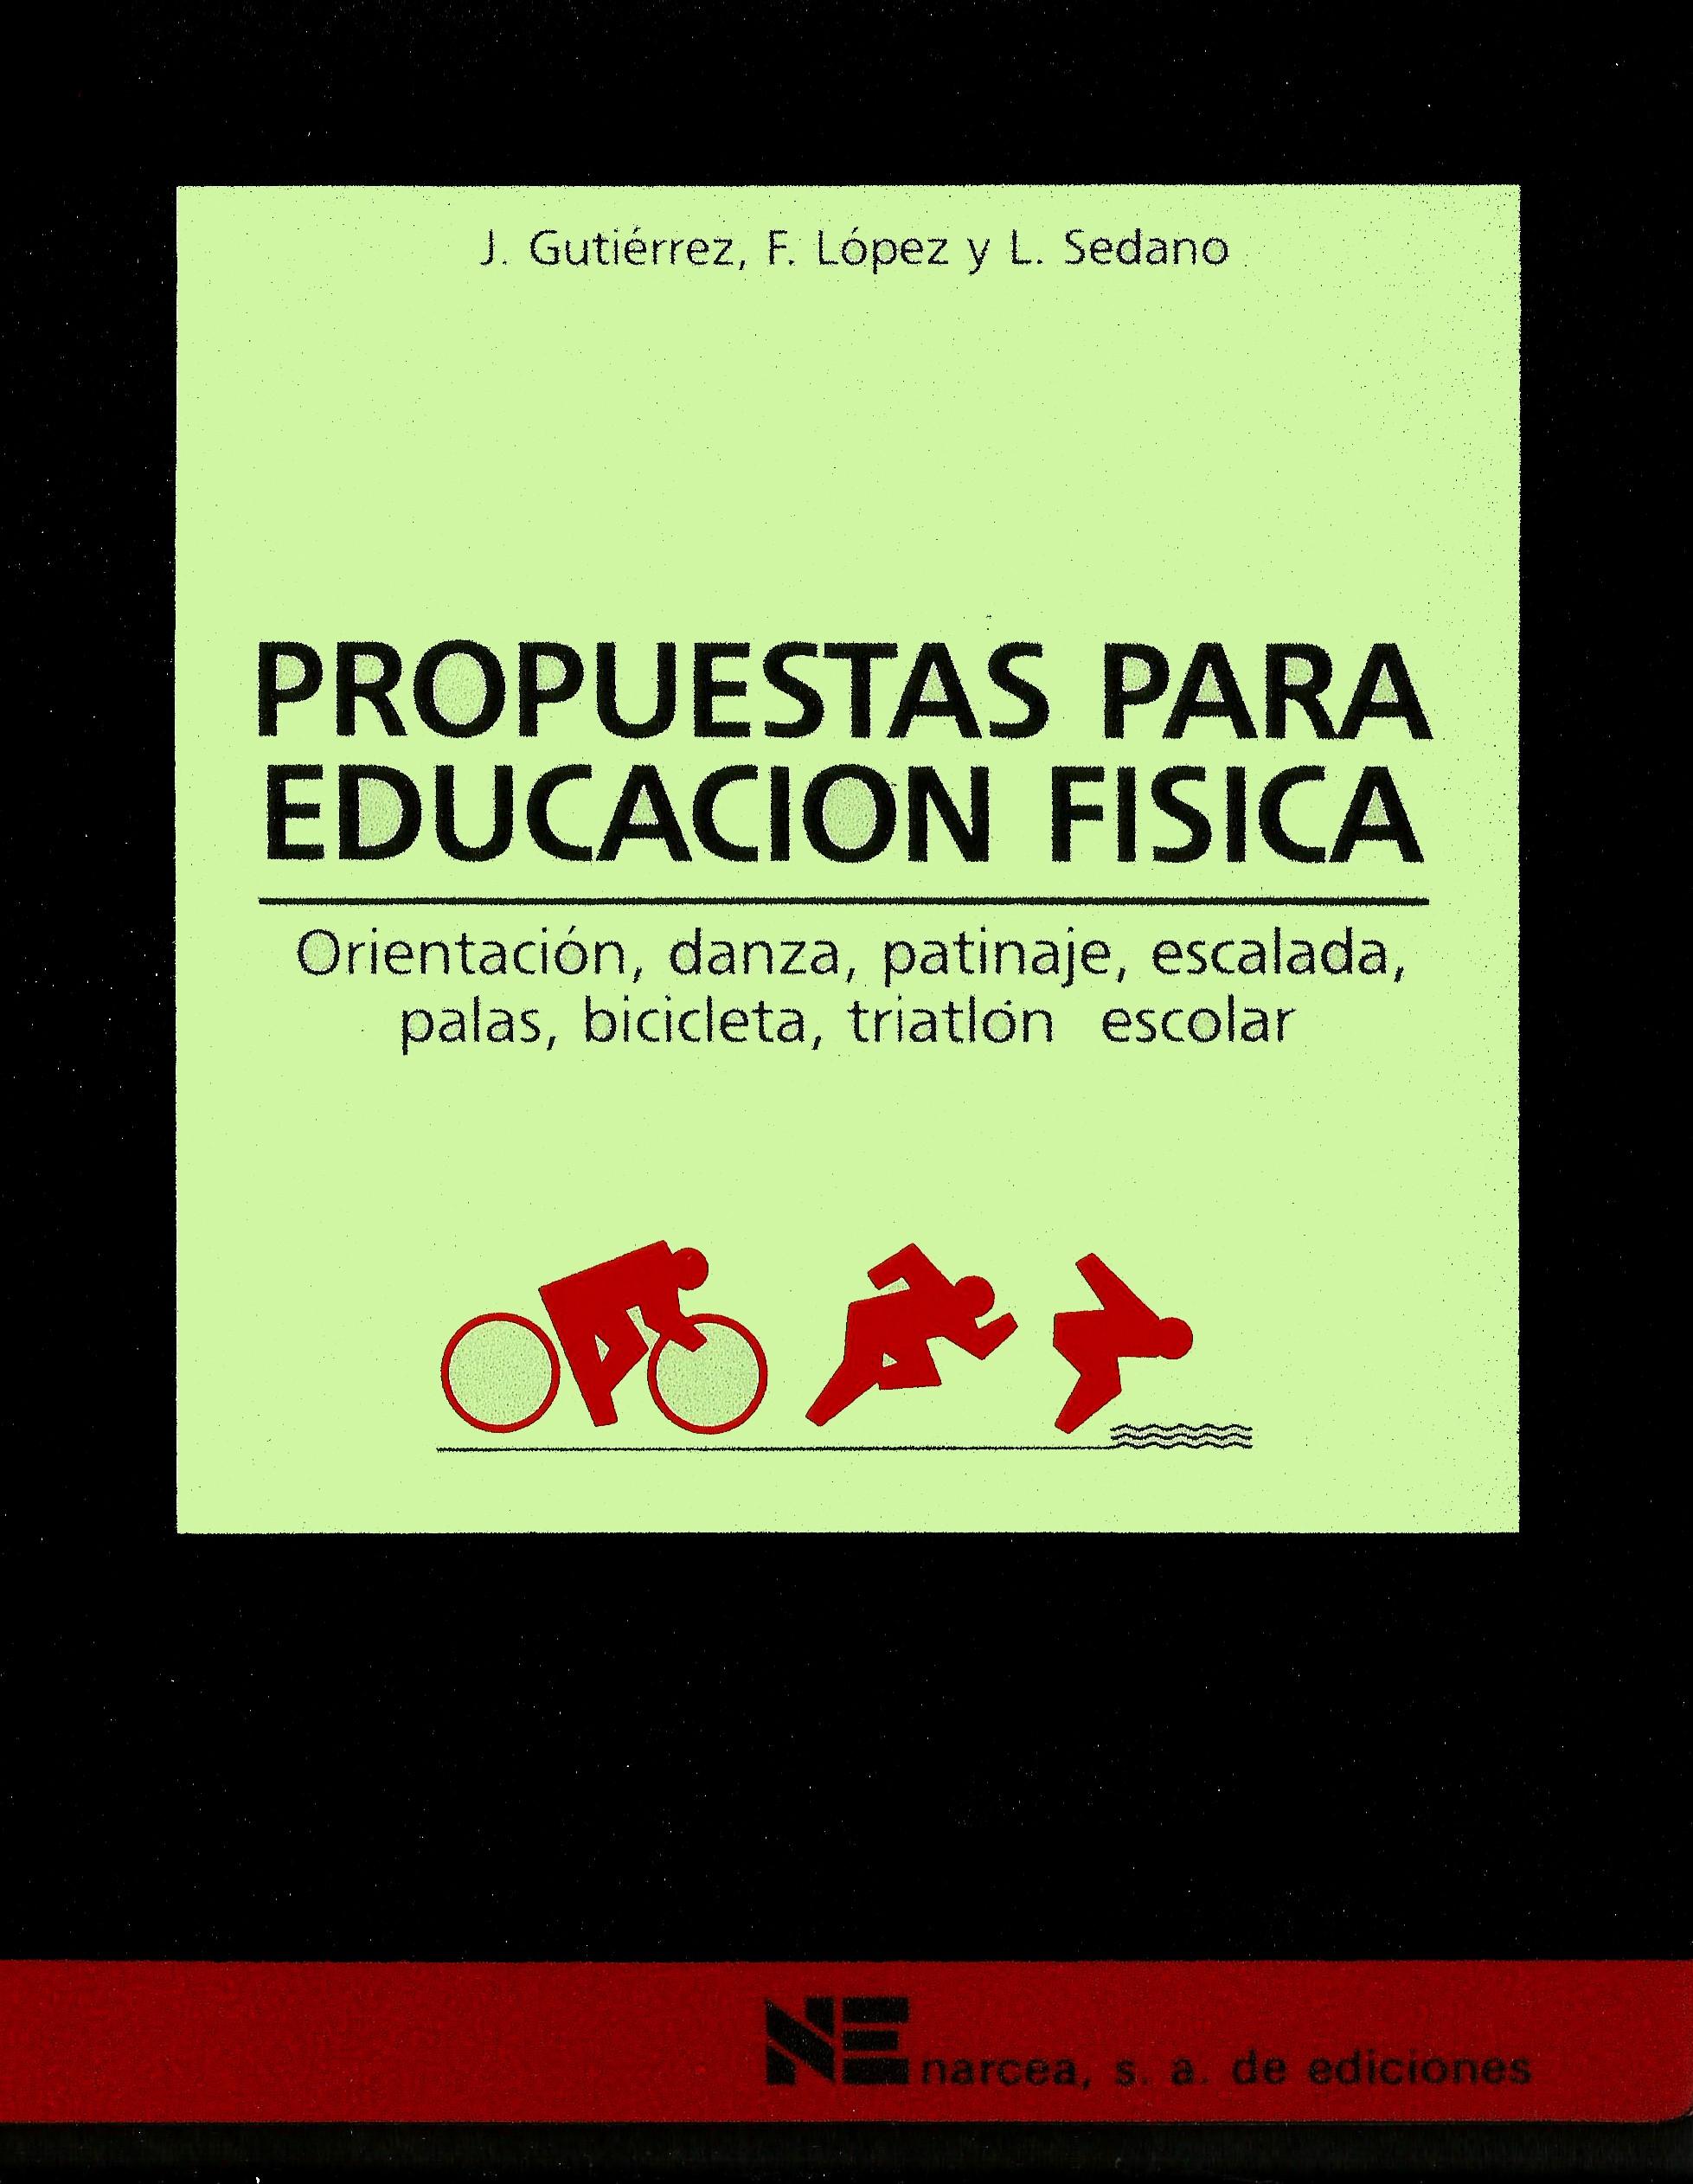 Propuestas para Educación Física